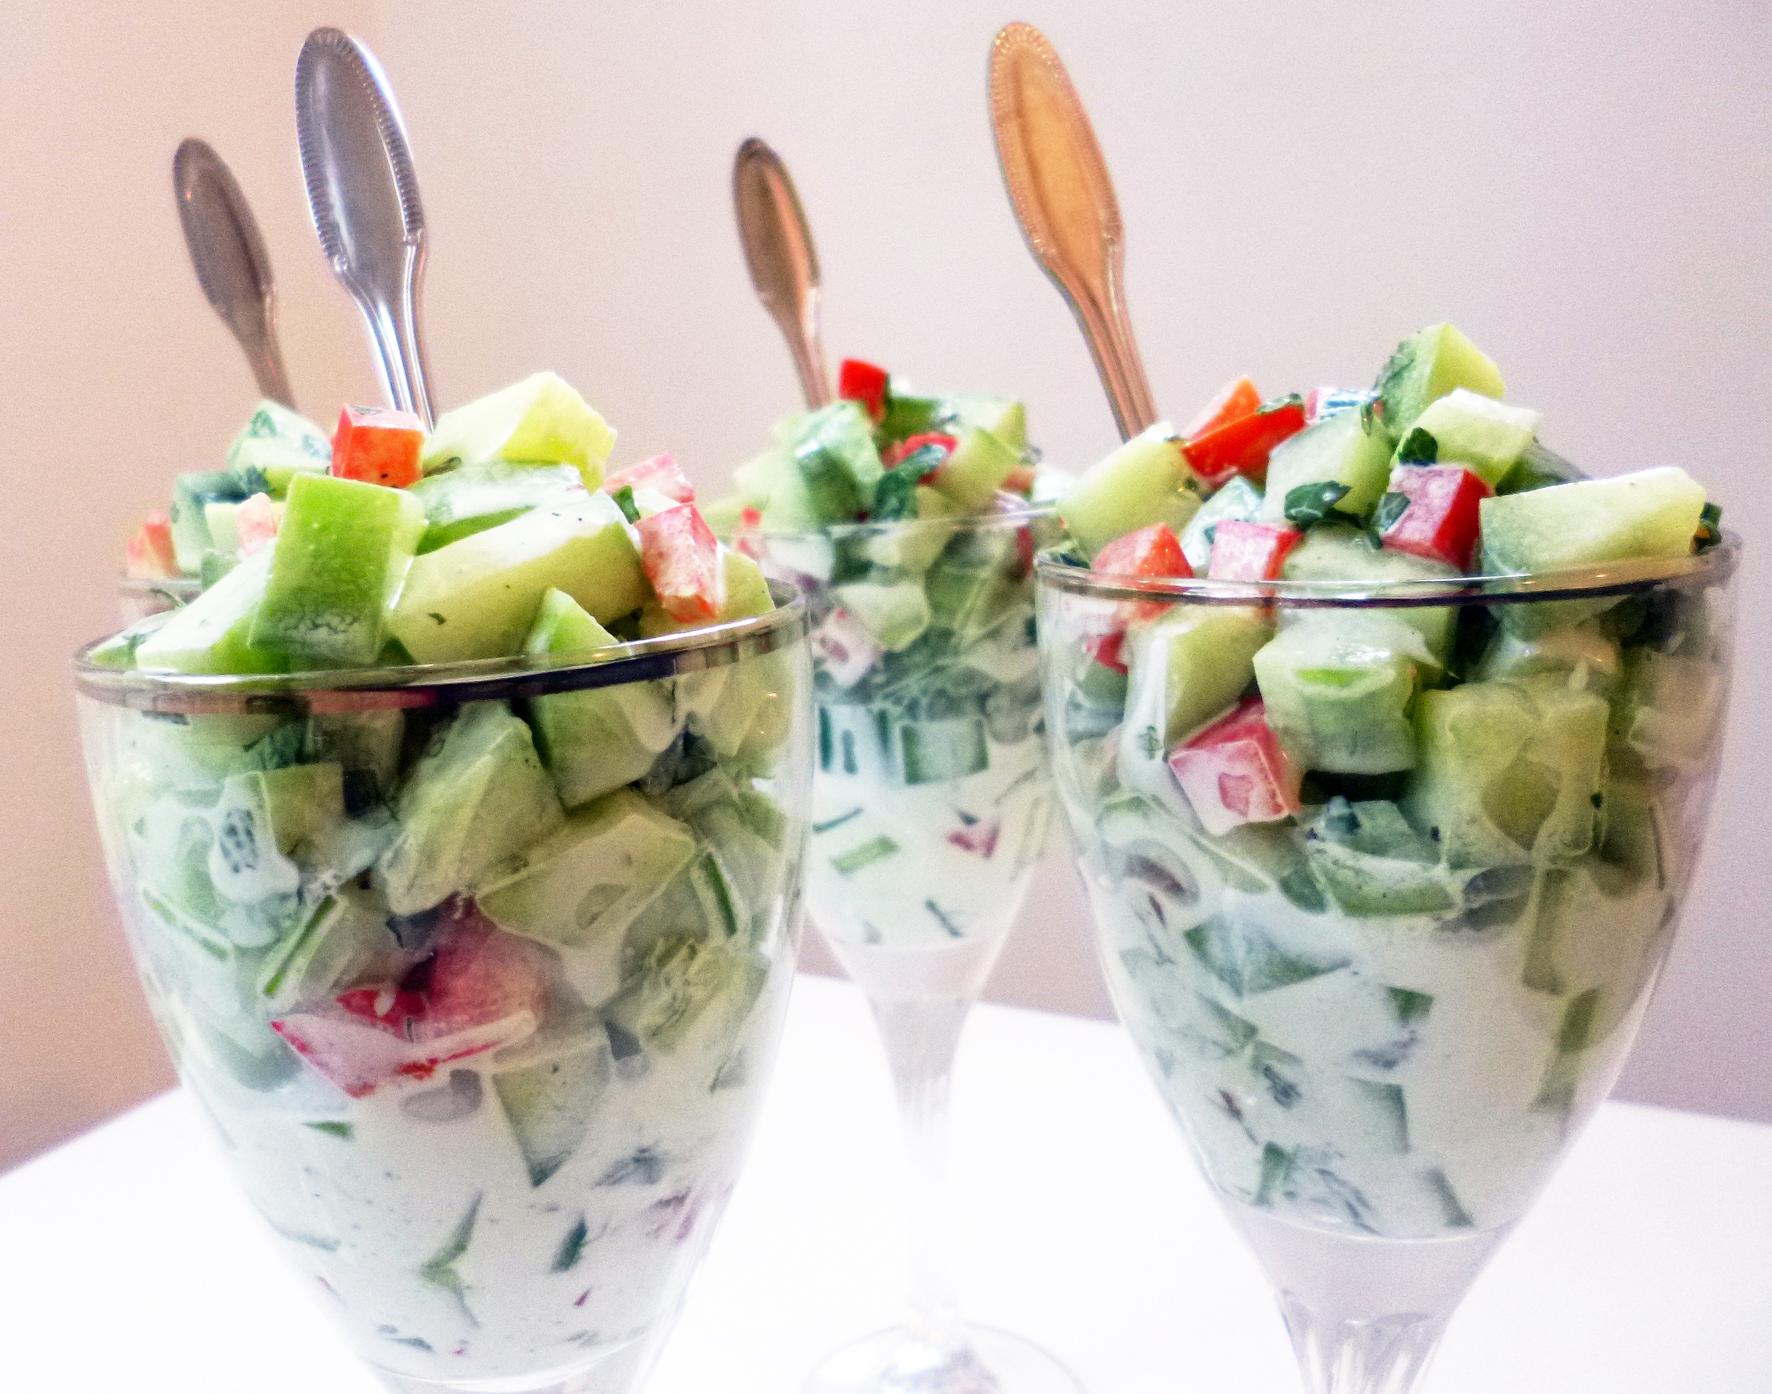 Salade de concombres la recette facile par toqu s 2 cuisine for Entrees froides originales